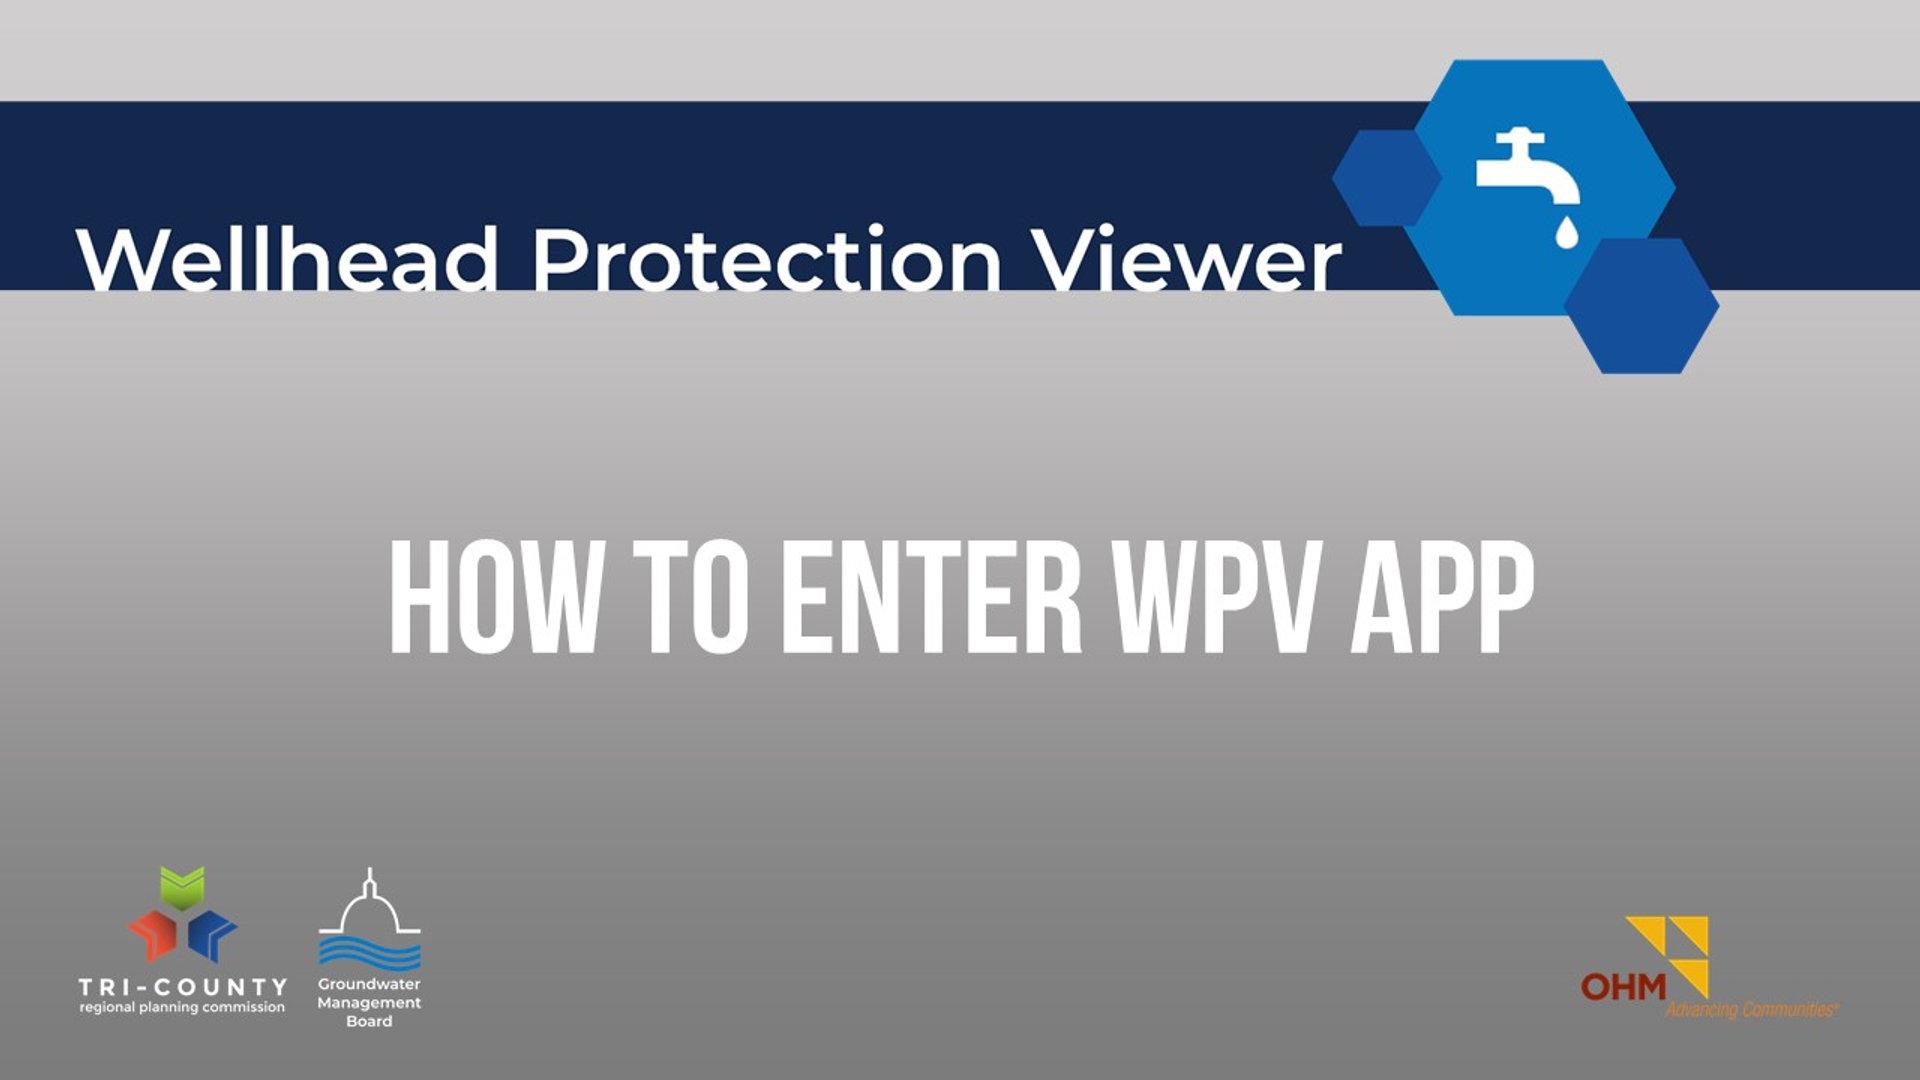 How to Enter WPV App